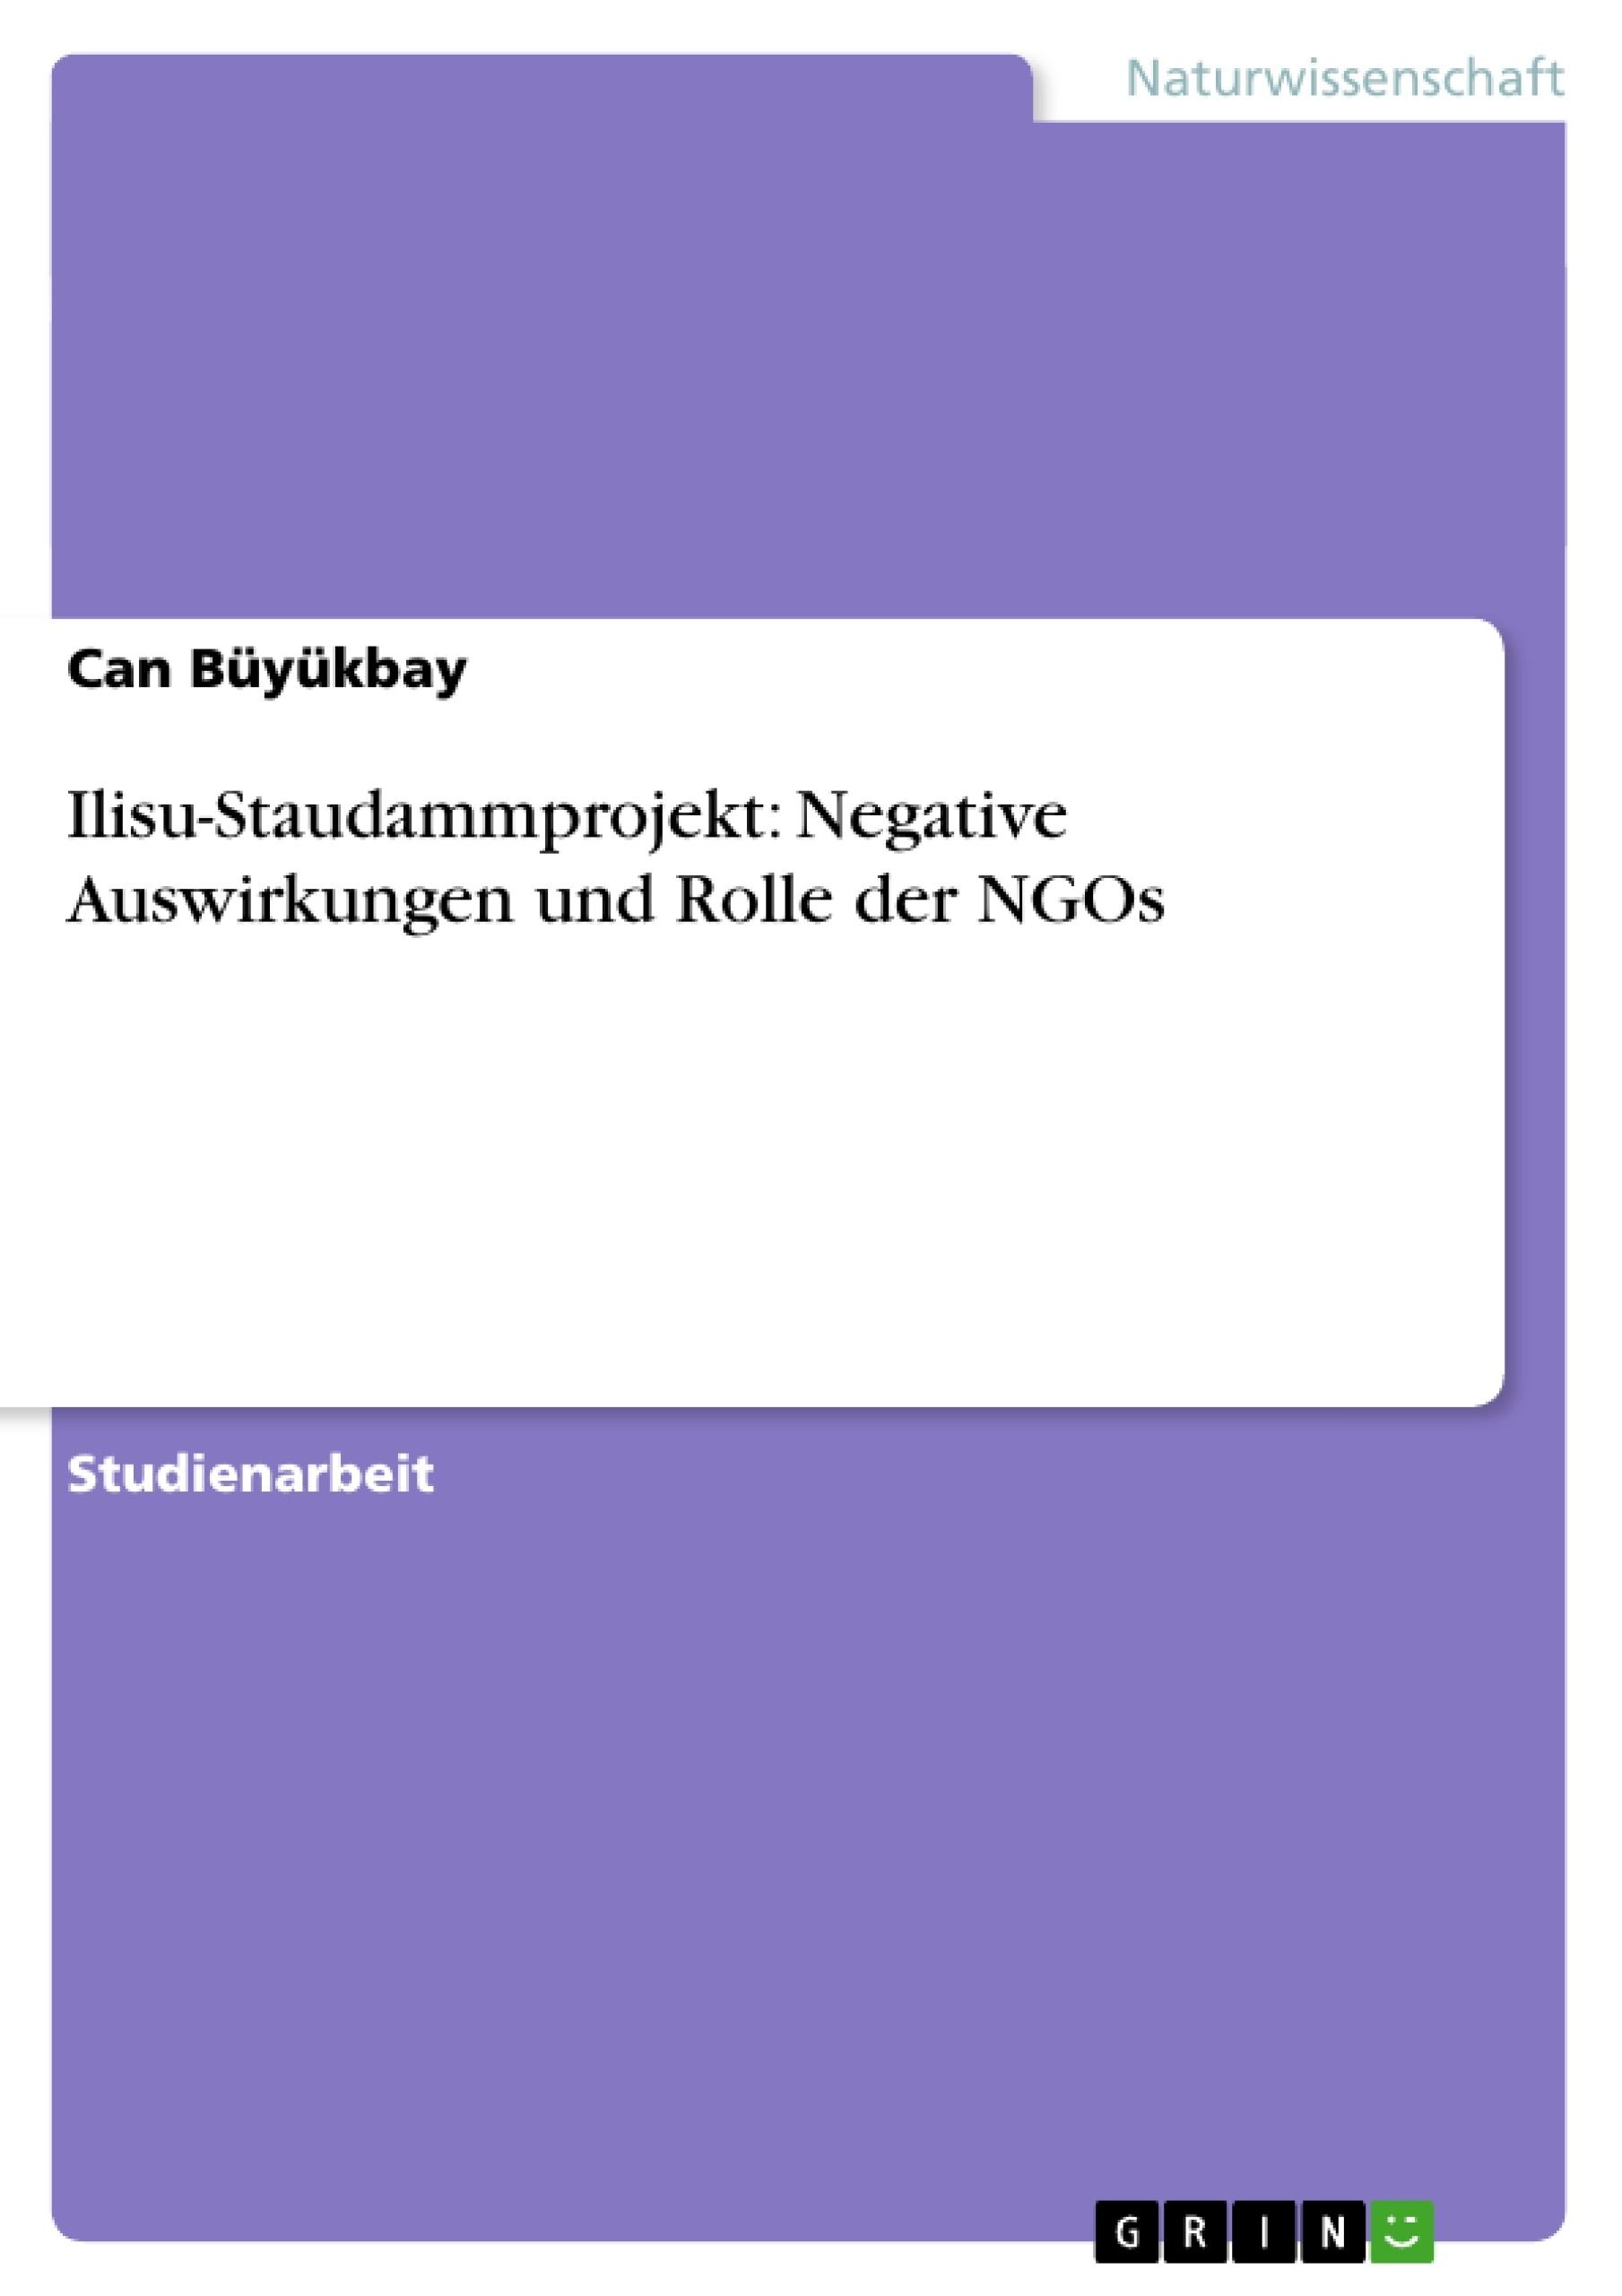 Titel: Ilisu-Staudammprojekt: Negative Auswirkungen und Rolle der NGOs